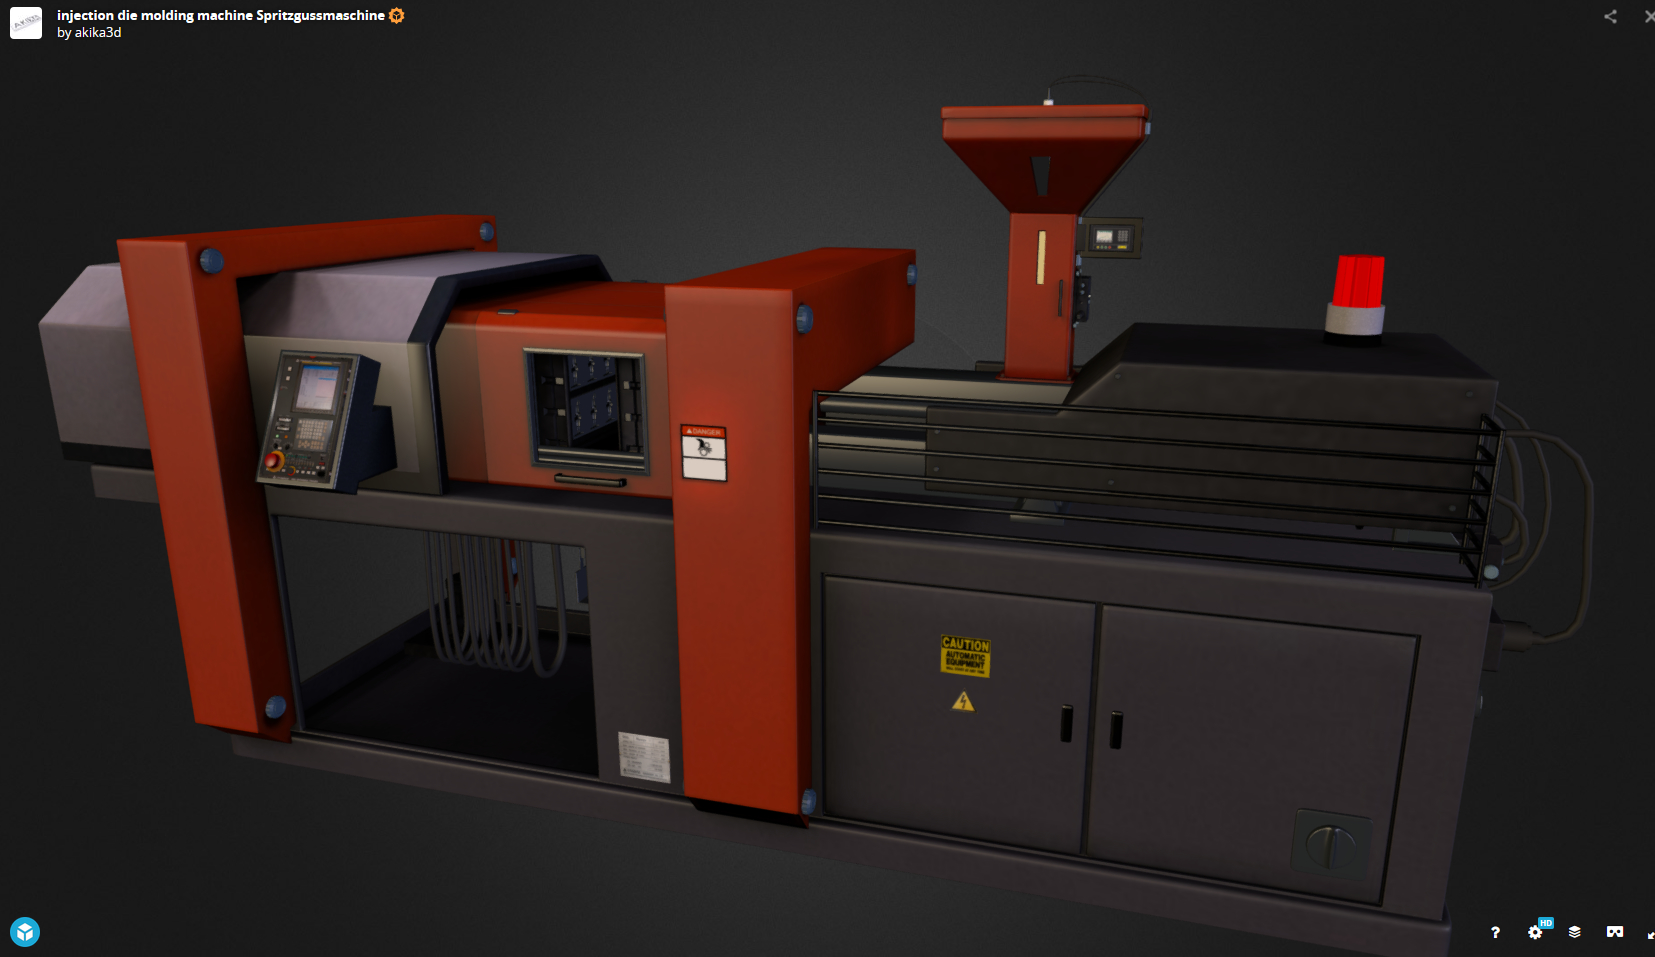 Spritzgussmaschine-webGL